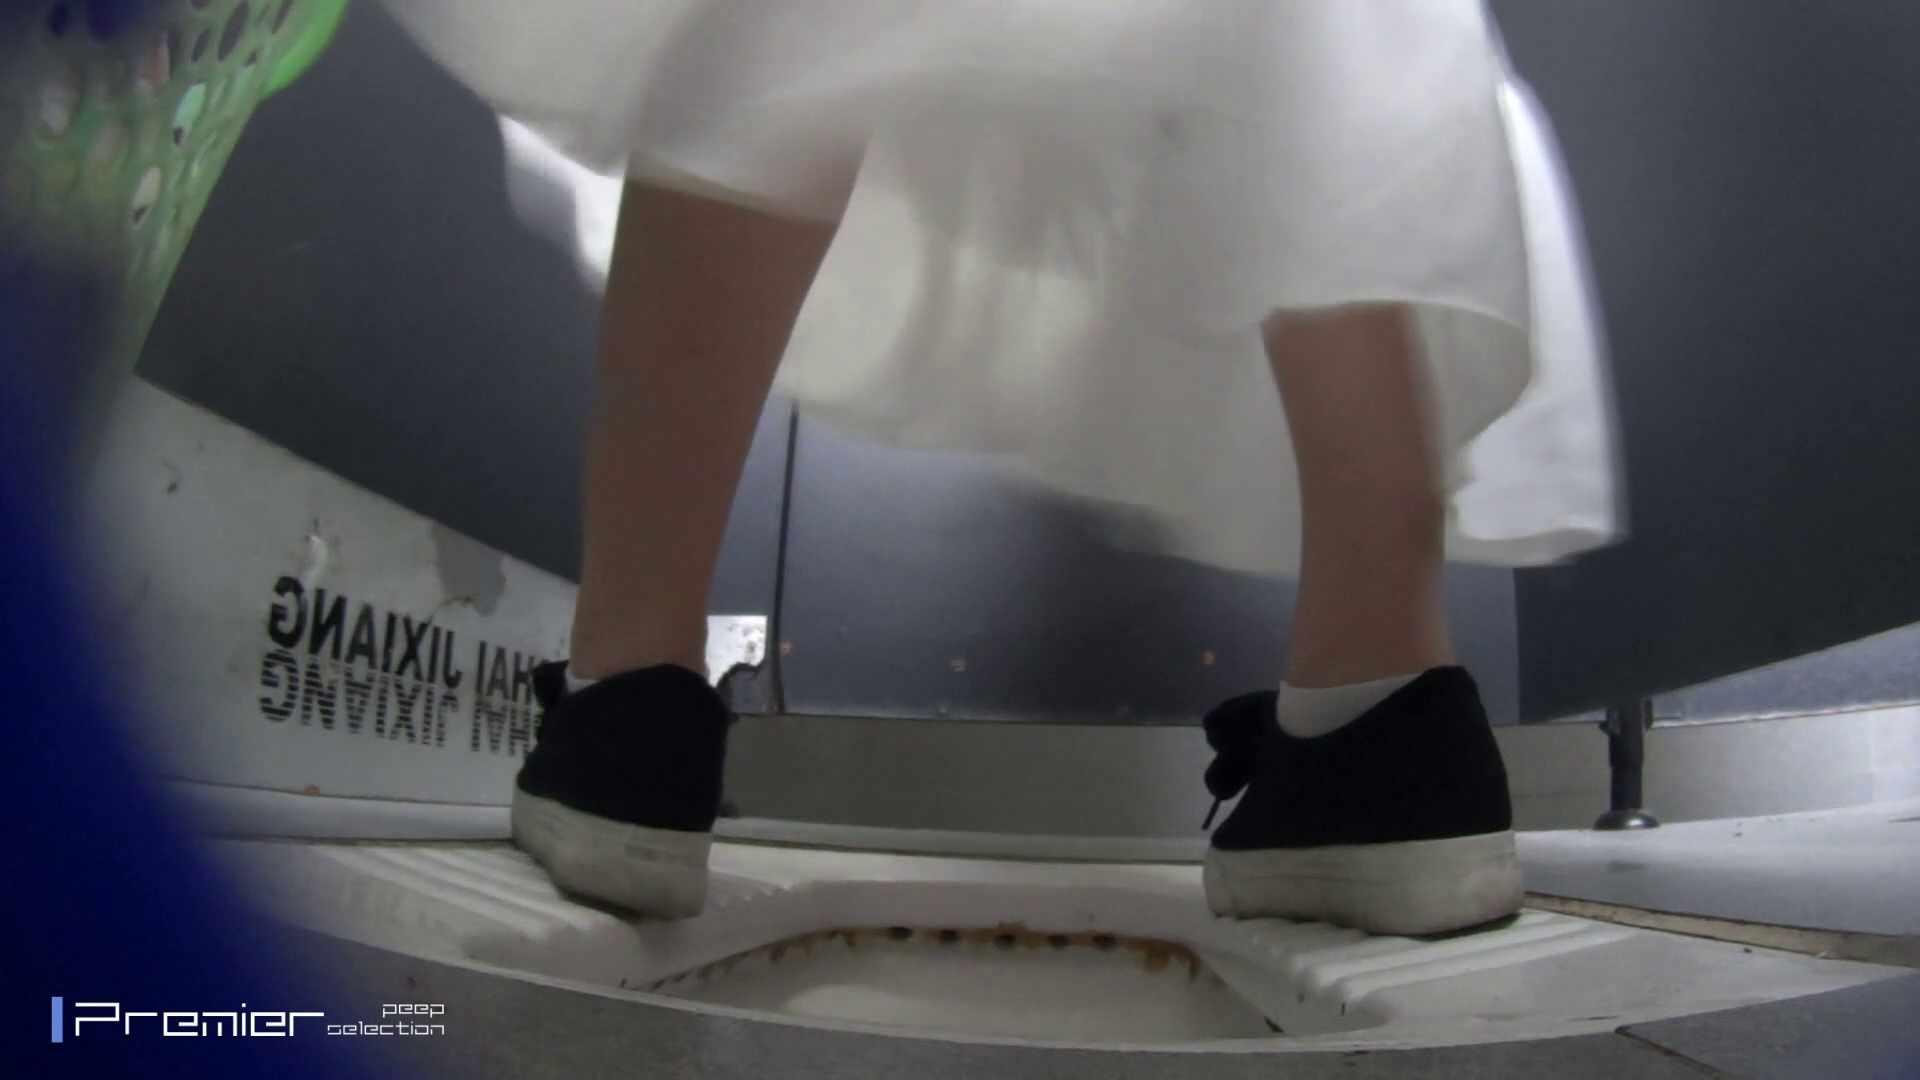 ポチャが多めの洗面所 大学休憩時間の洗面所事情45 丸見え オマンコ無修正動画無料 107枚 27